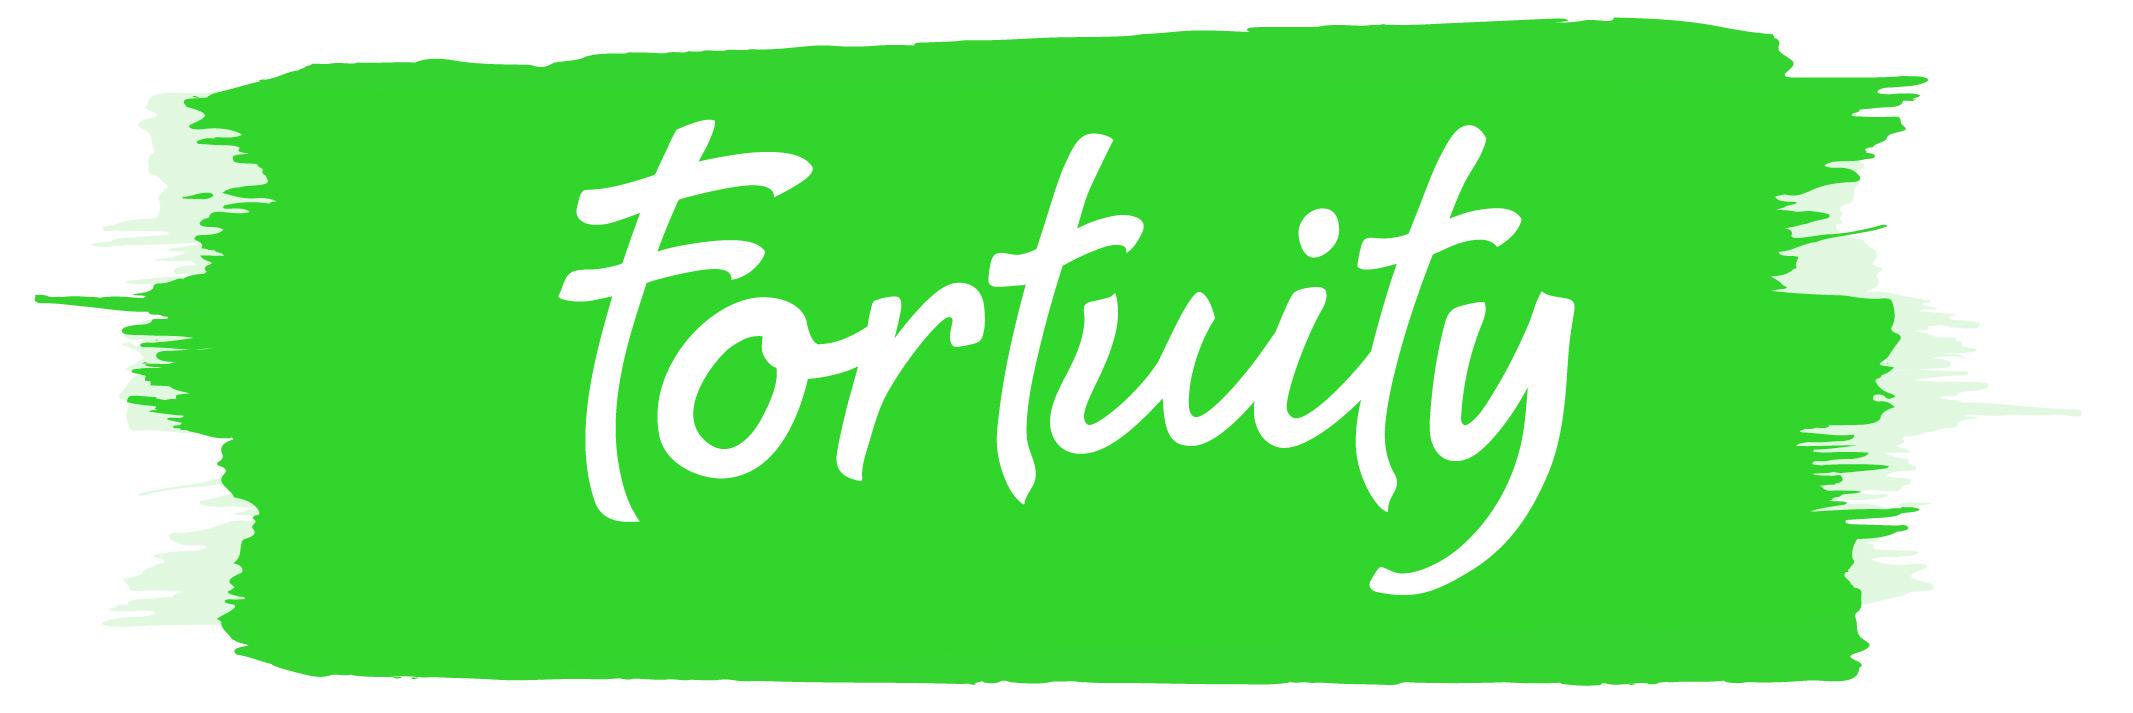 fortuity-logo.jpg